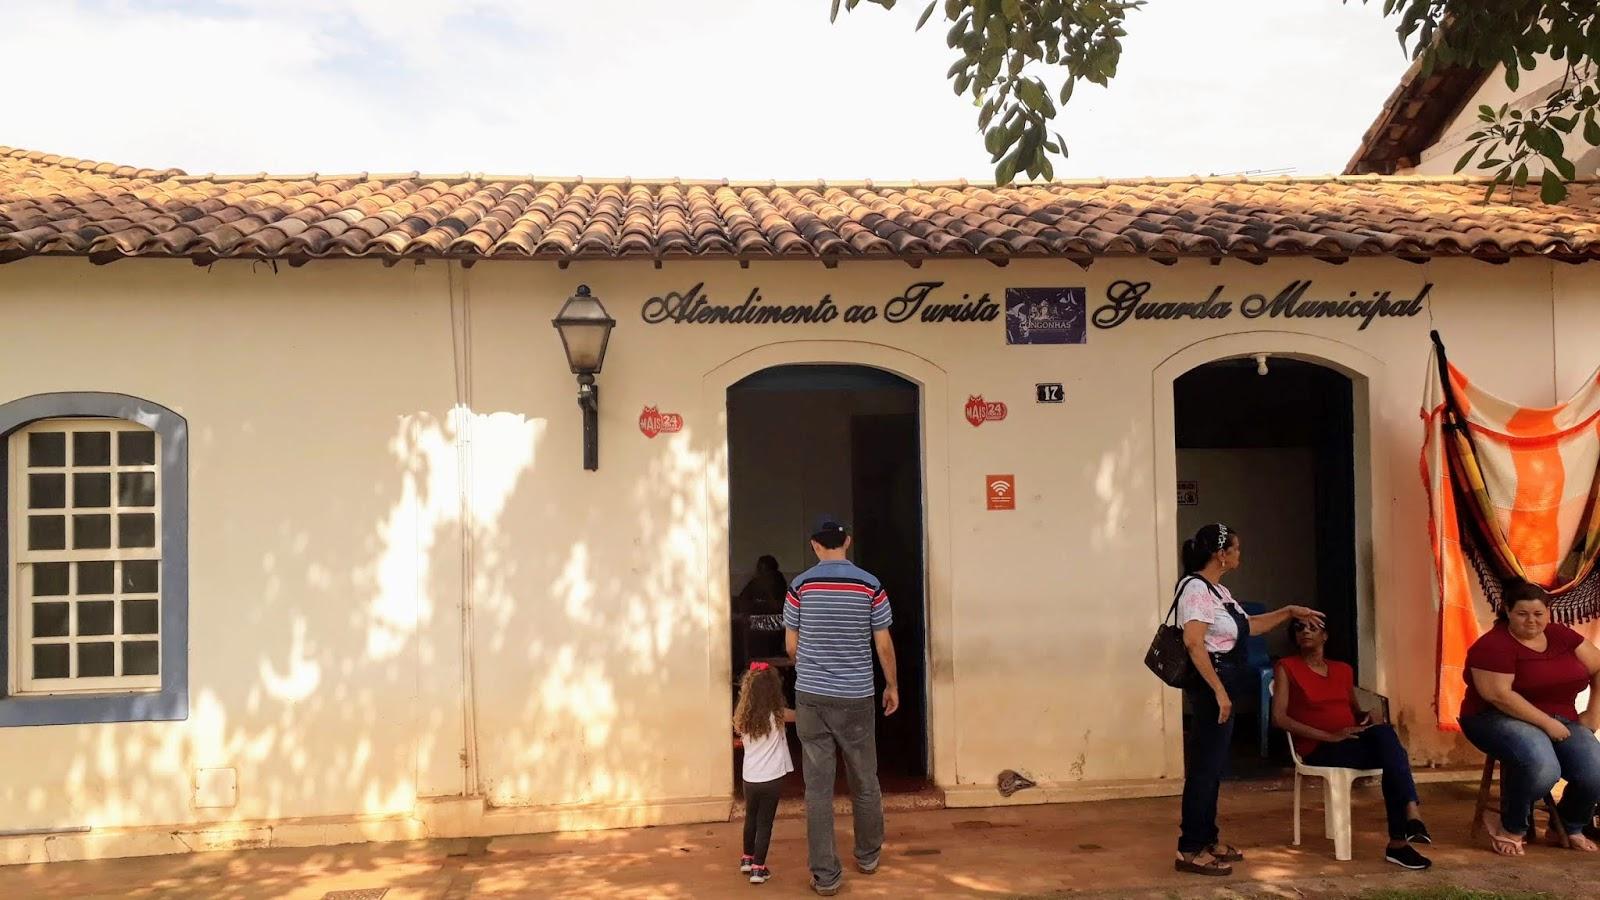 centro de atendimento ao turista em congonhas para carimbar o passaporte da estrada real